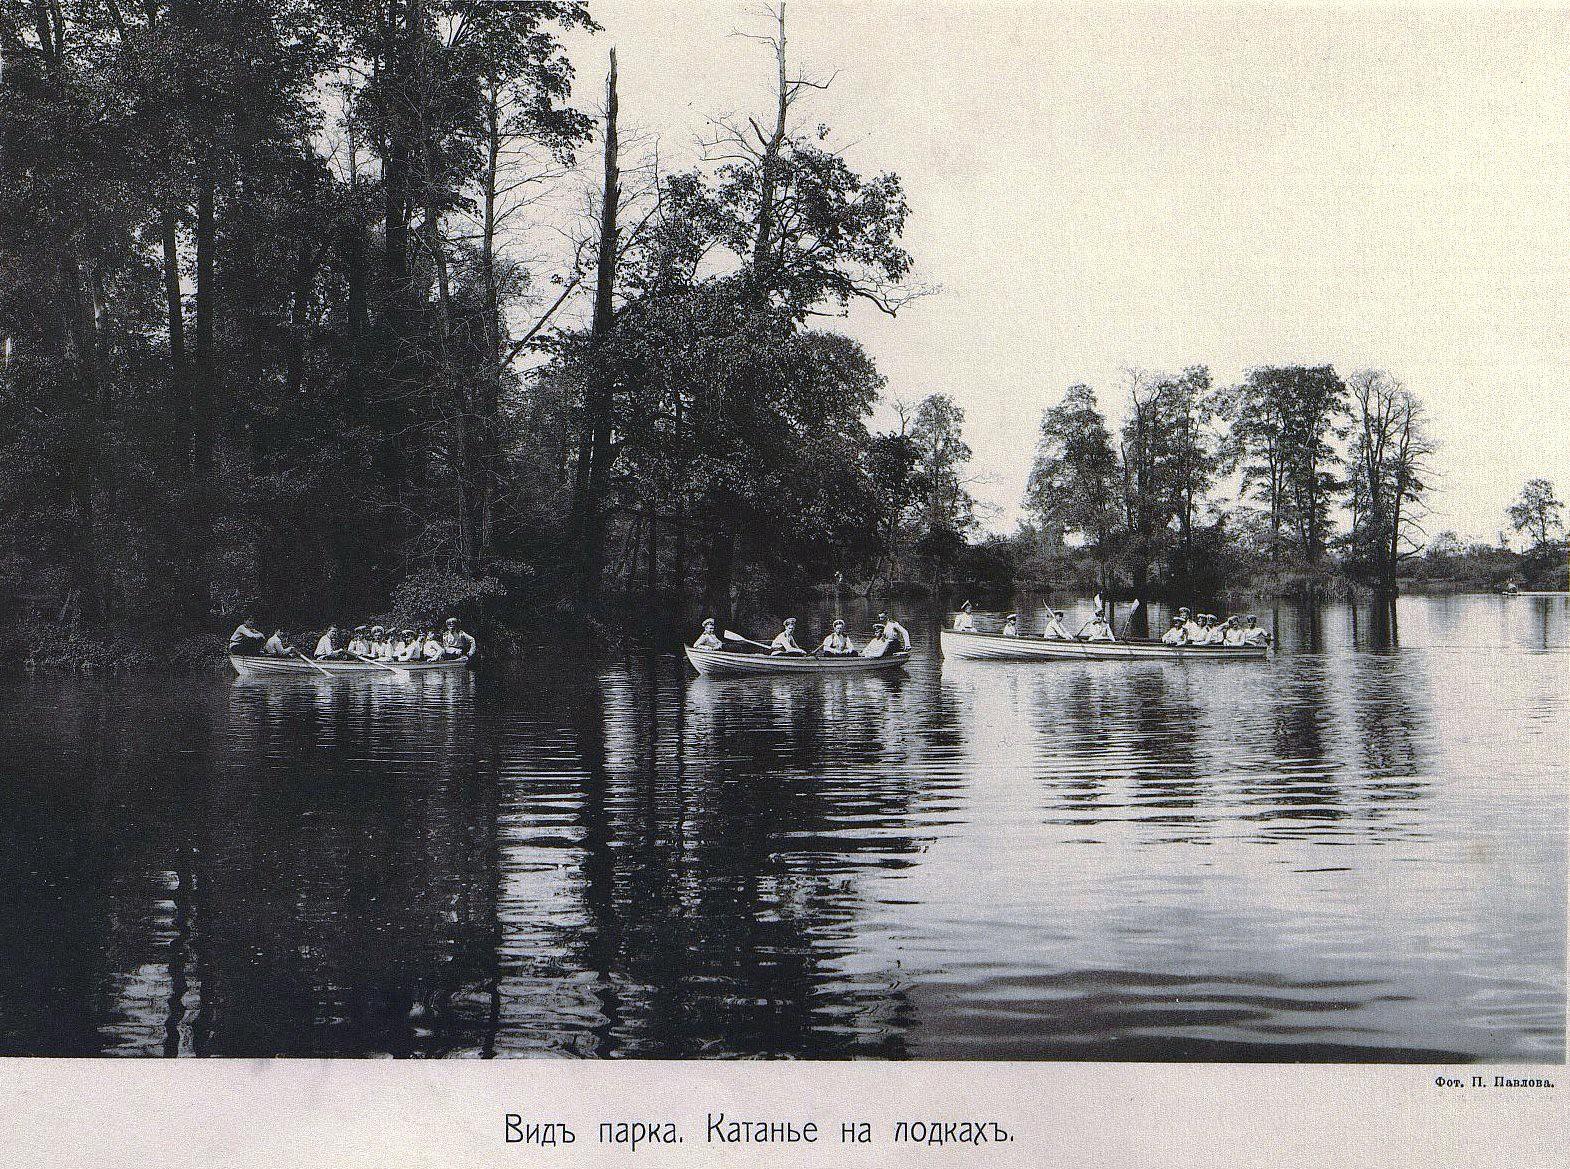 49. Вид парка. Катанье на лодка